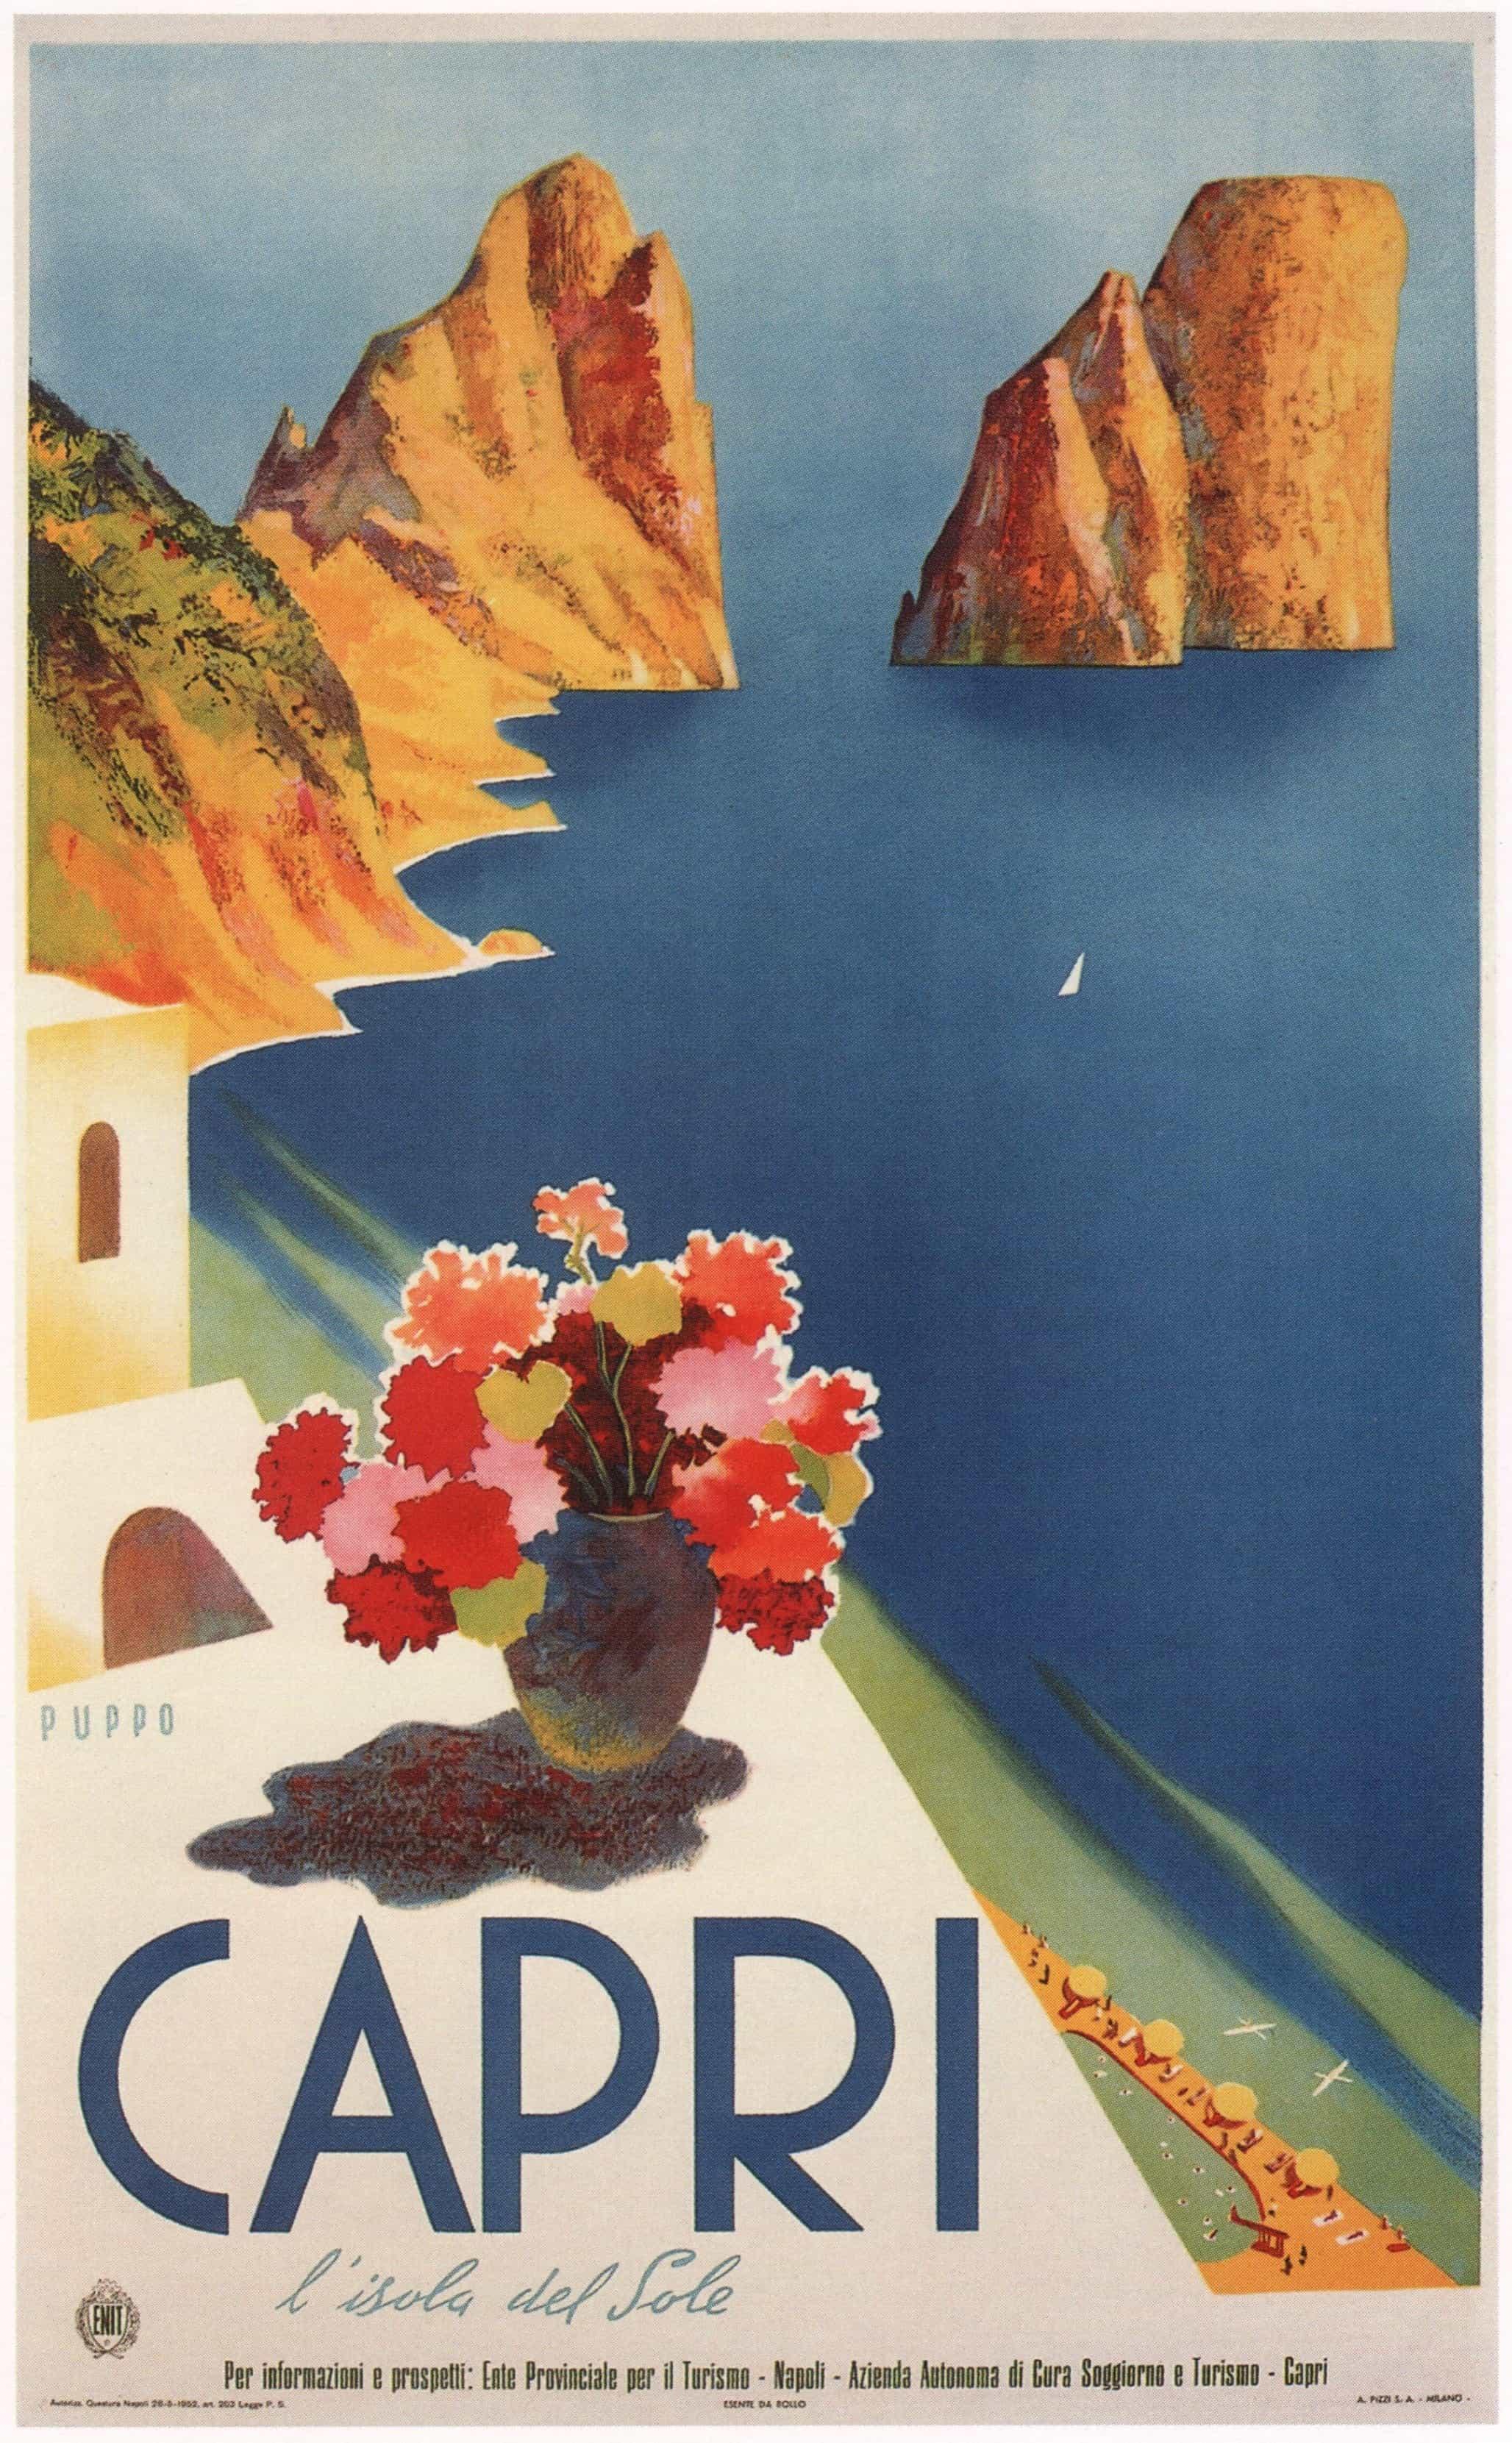 Capri, Italy Vintage Tourism Poster, 1952